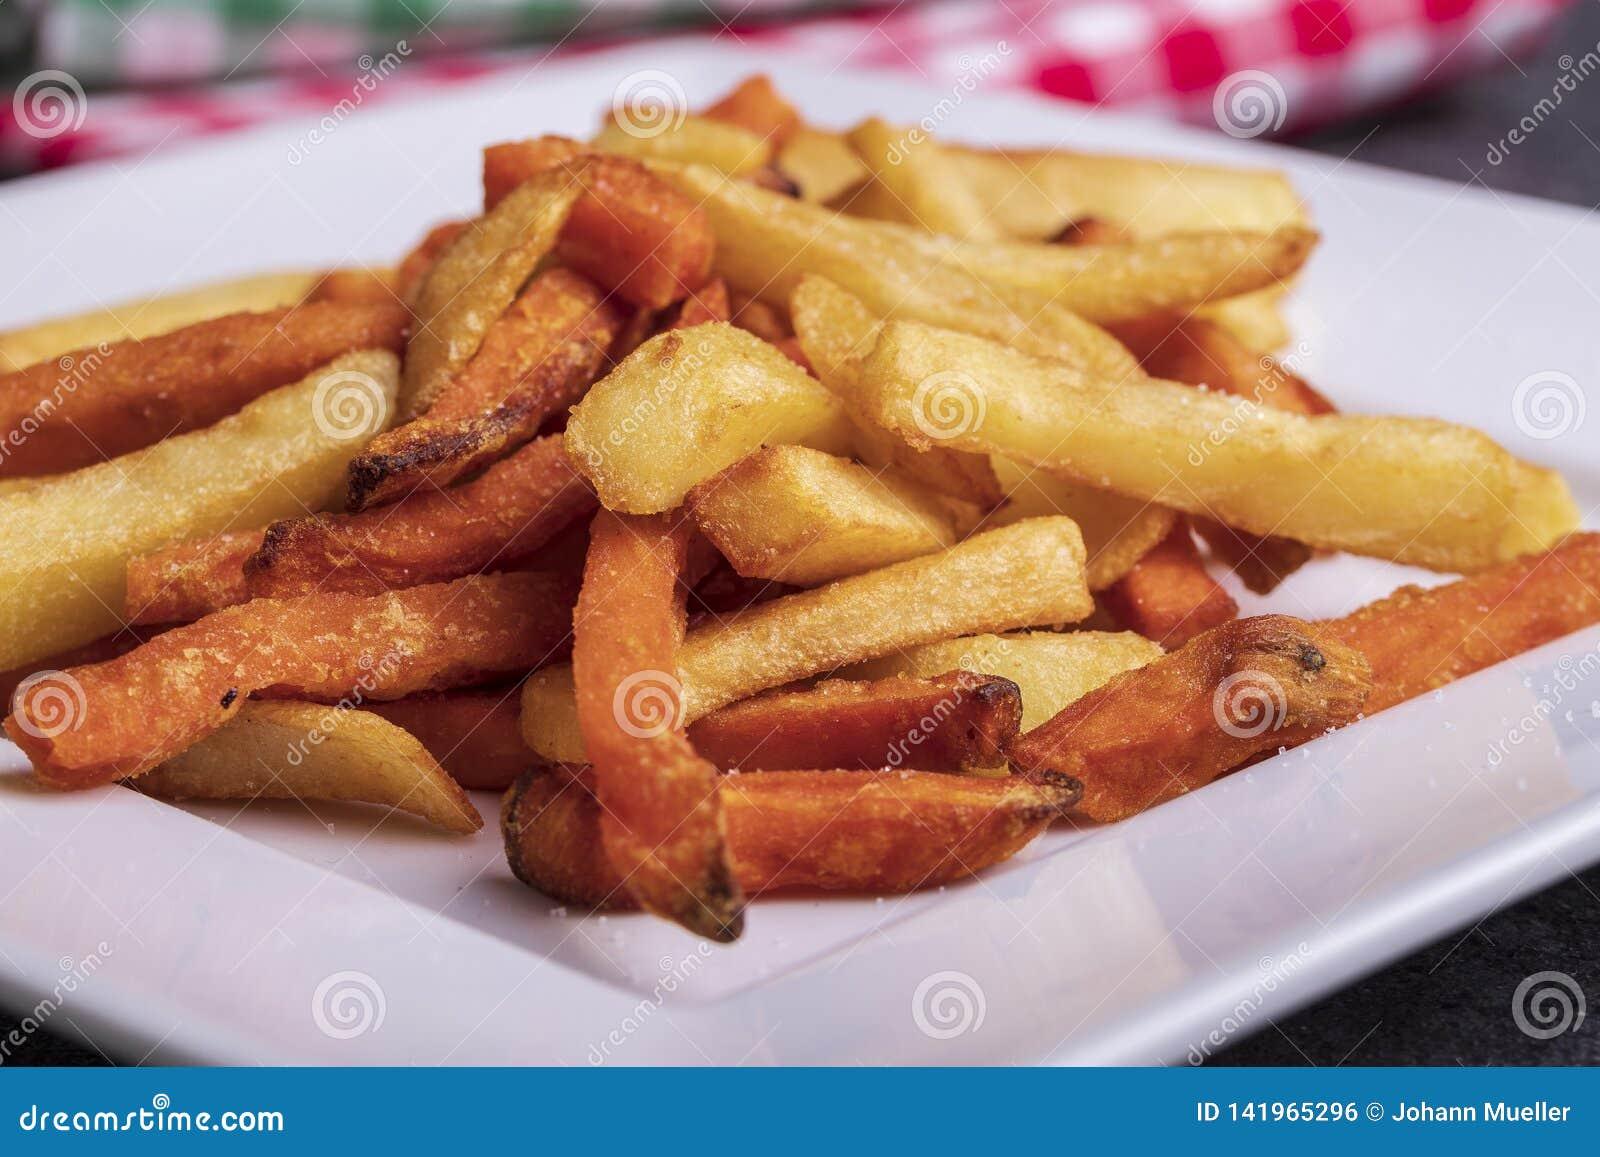 De verscheidenheid van aardappels voor versiert: frieten en bataat op een plaat